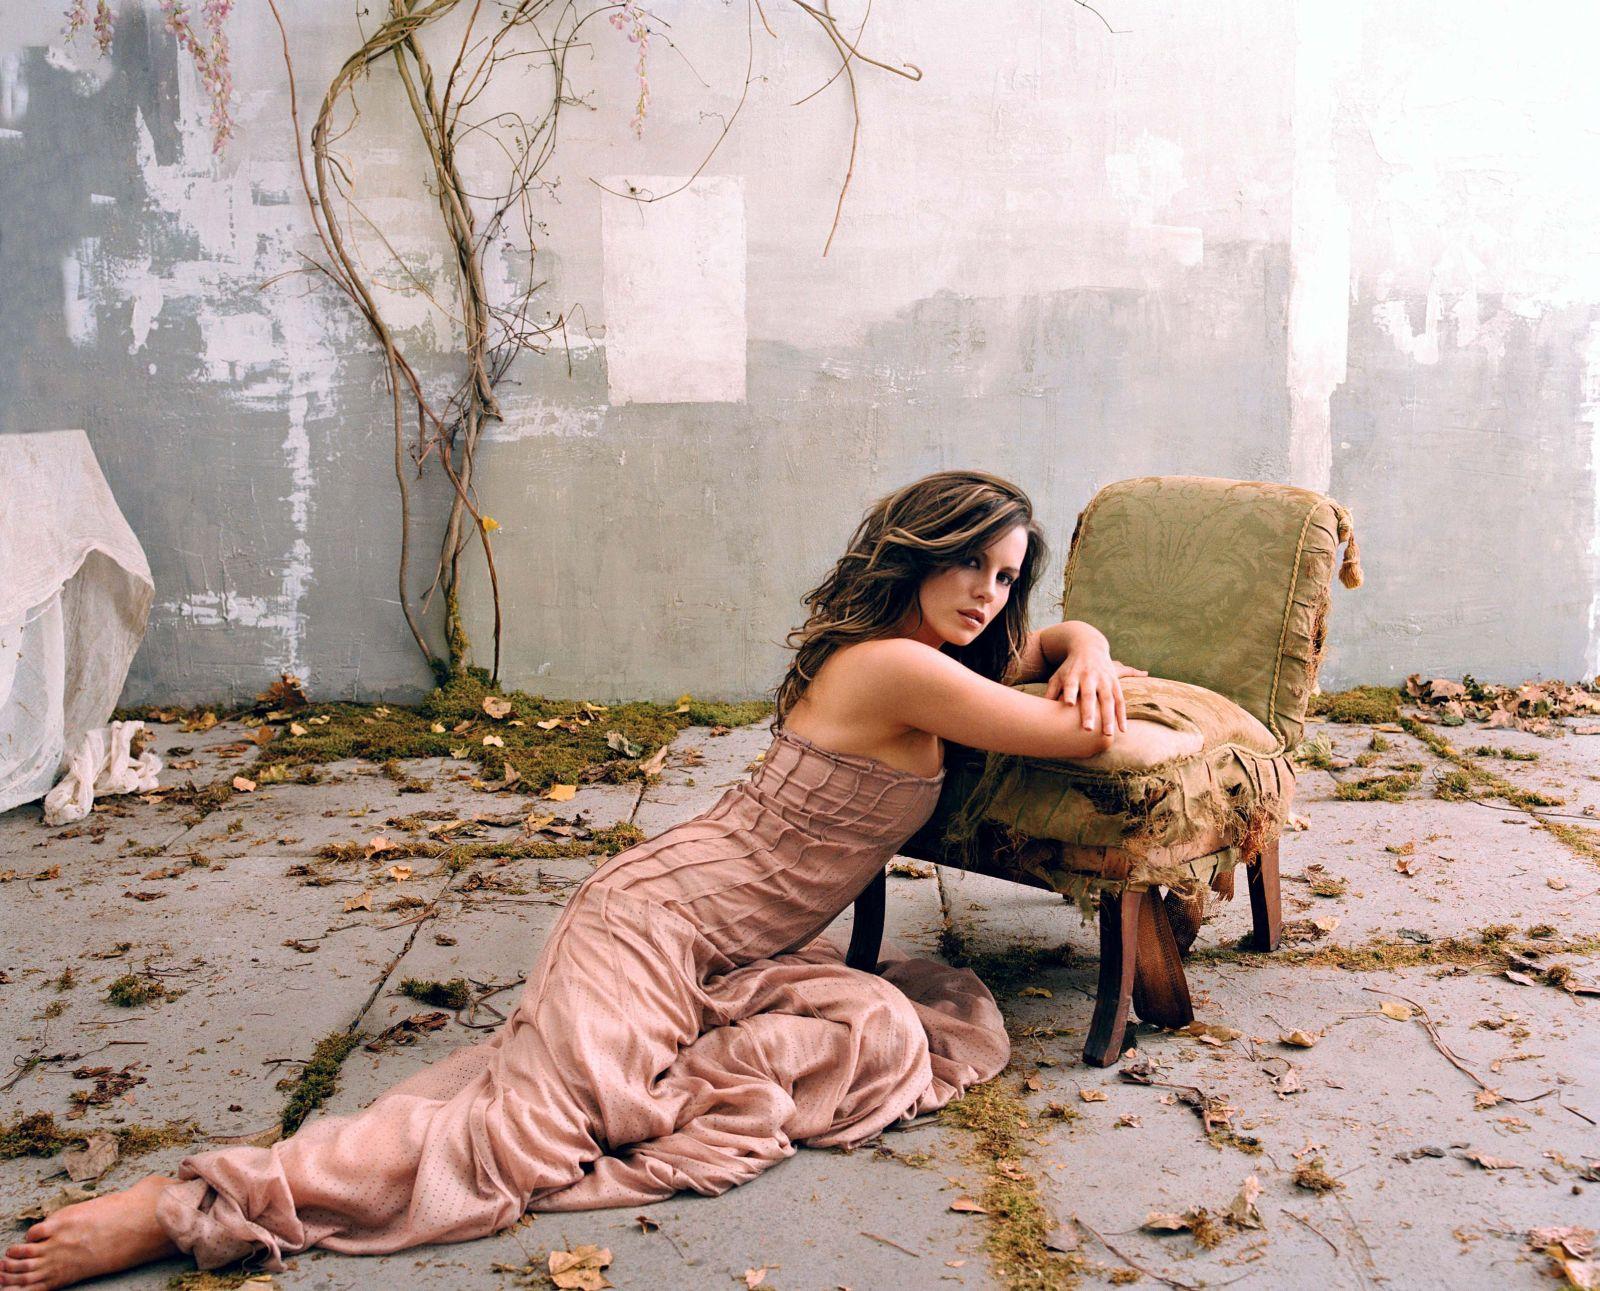 Фото молоденькие лесбианки 18 фотография